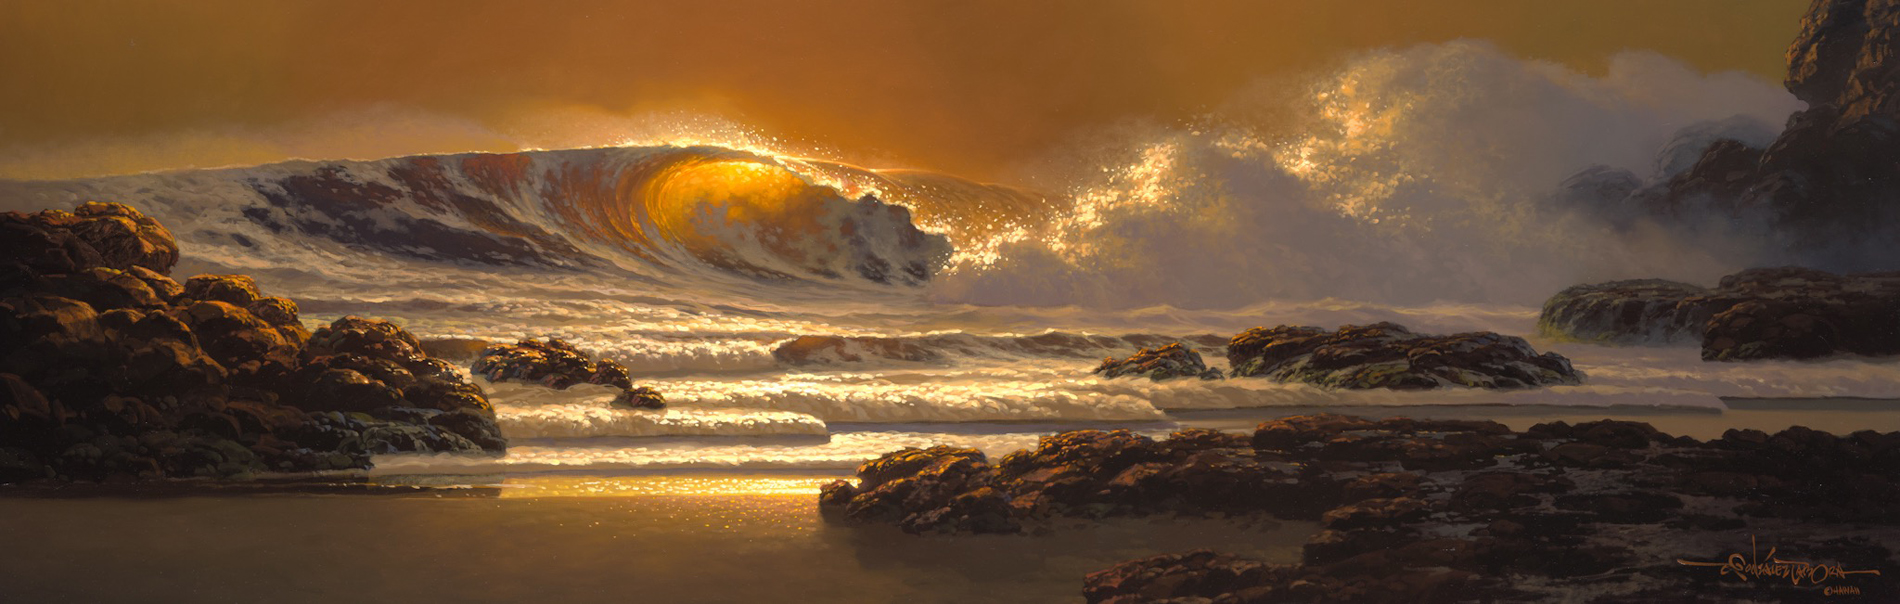 golden surge